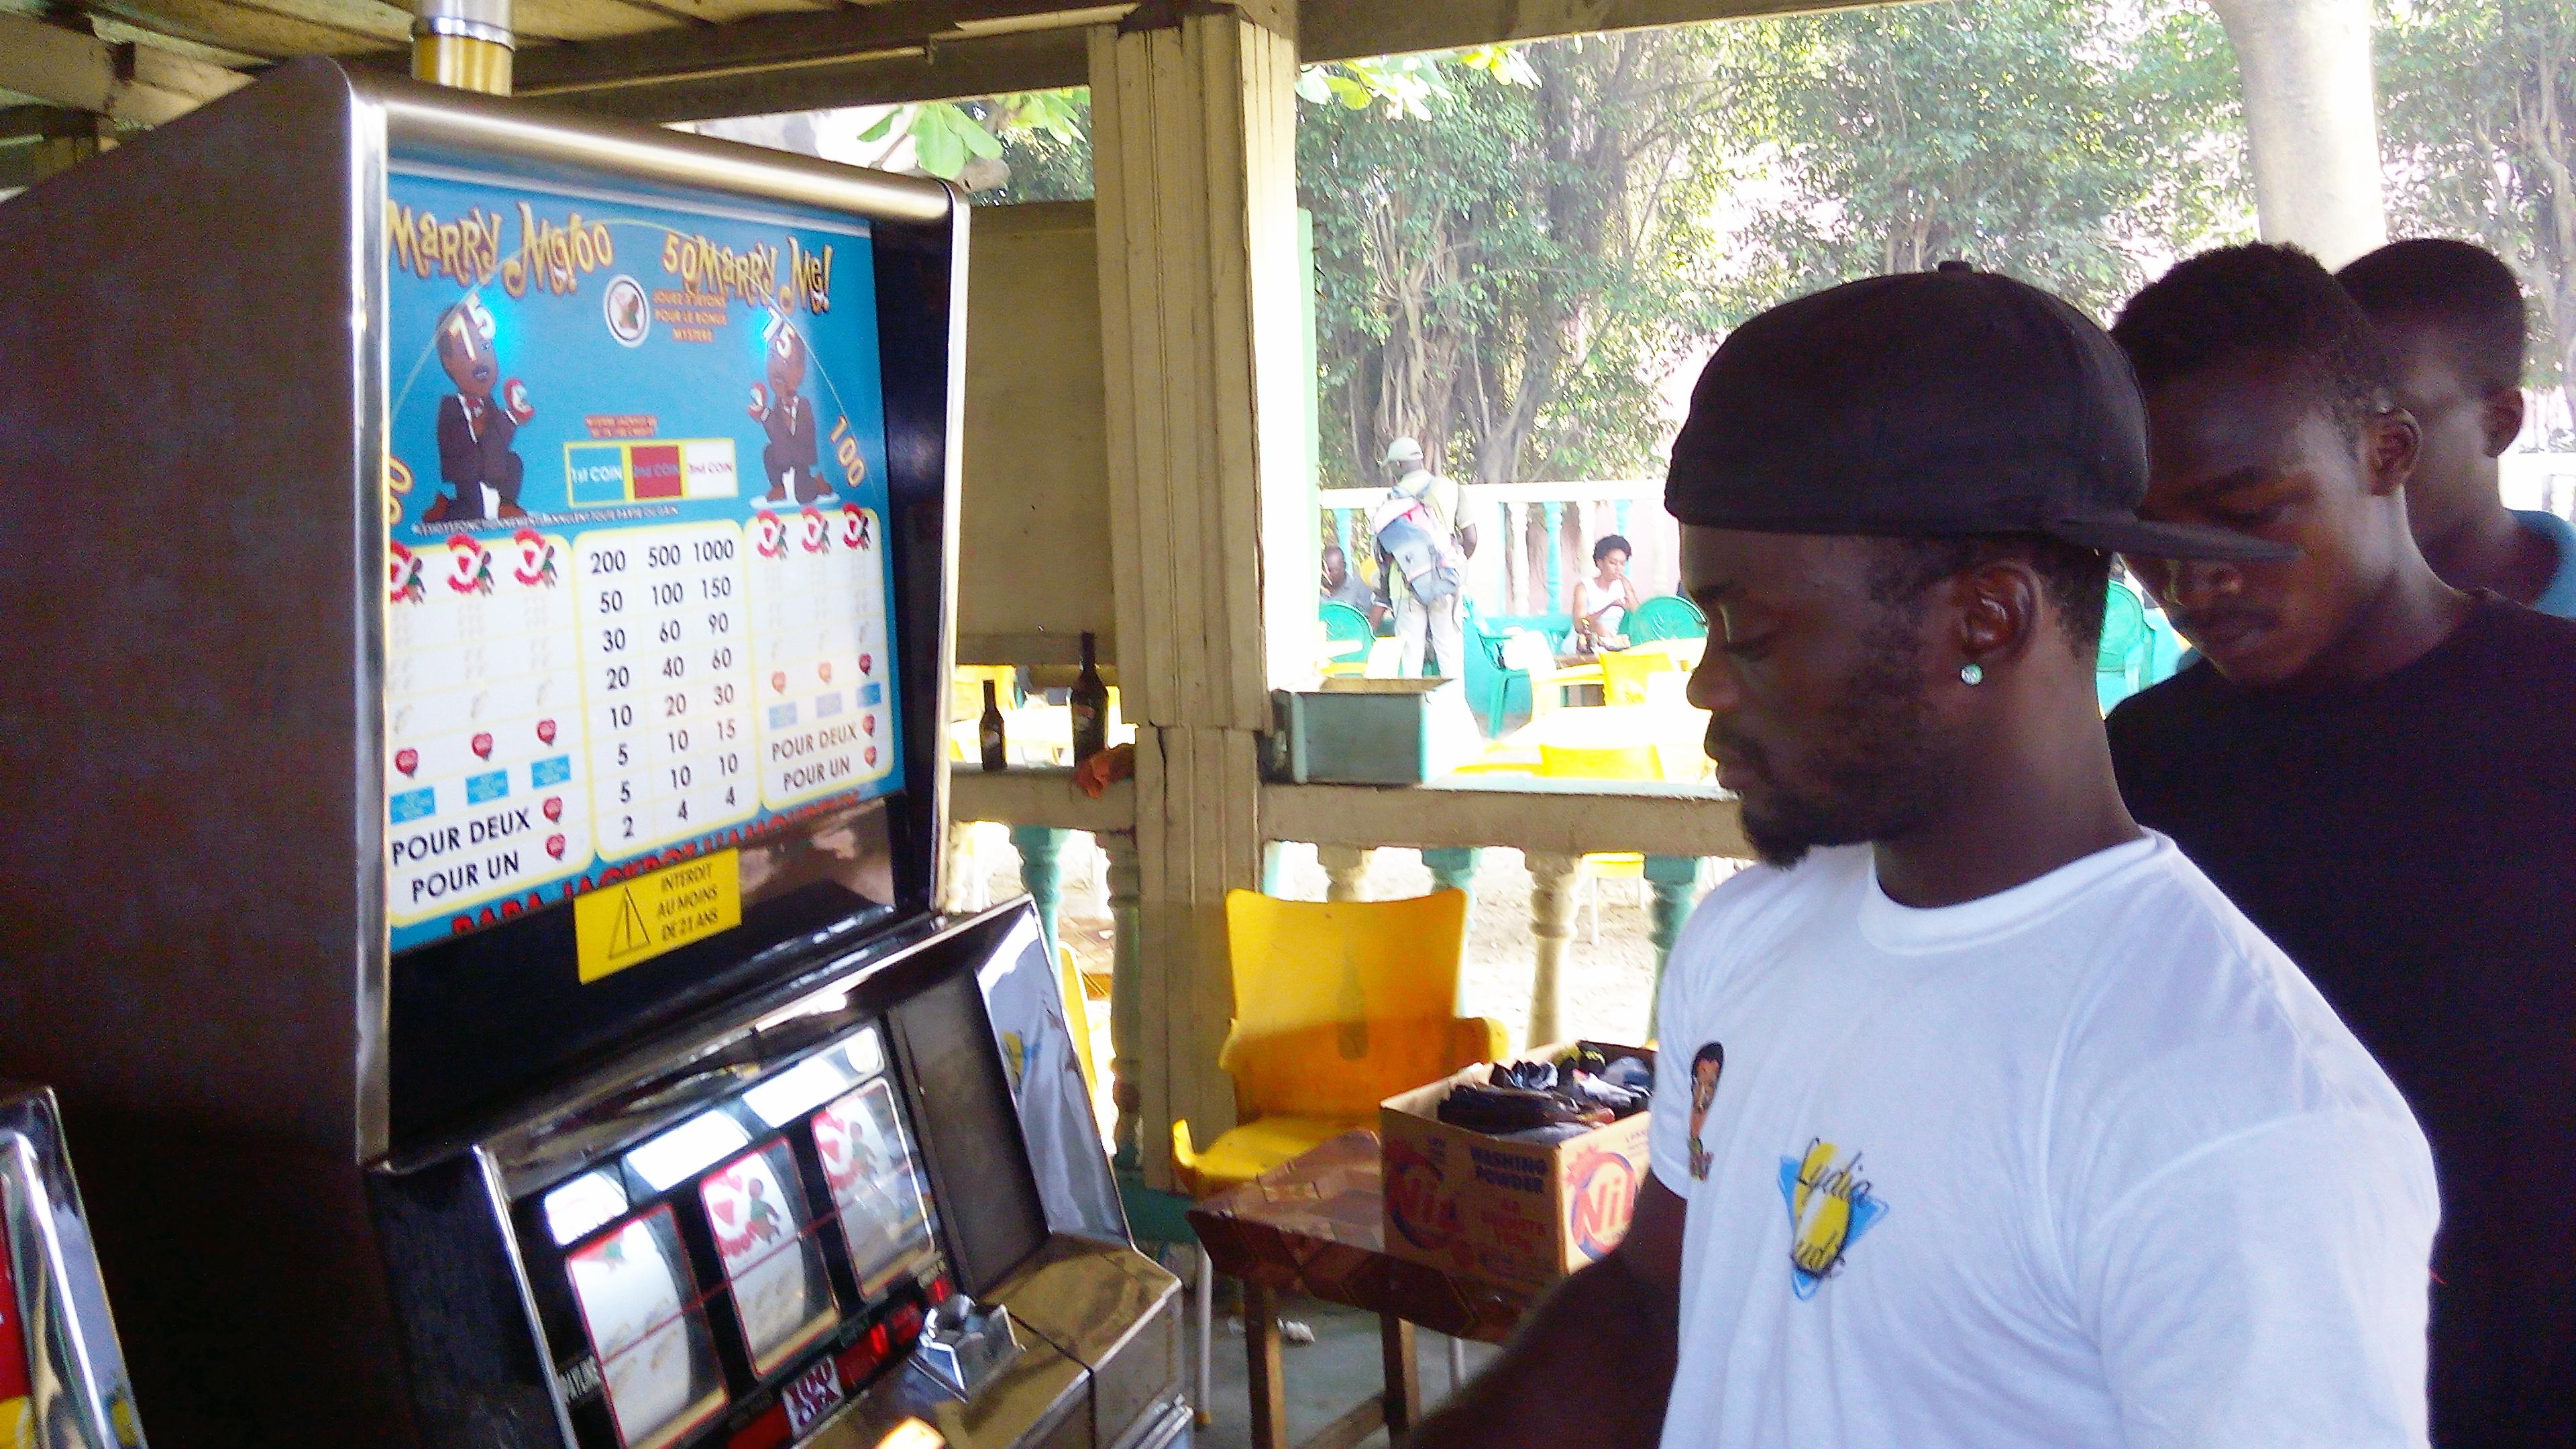 Animation Lydia Ludic Côte d'Ivoire de l'Espace de Jeux et de Loisirs situé dans le bar partenaire Chez Ami dans le quartier Maroc, dans la commune de Yopougon à Abidjan